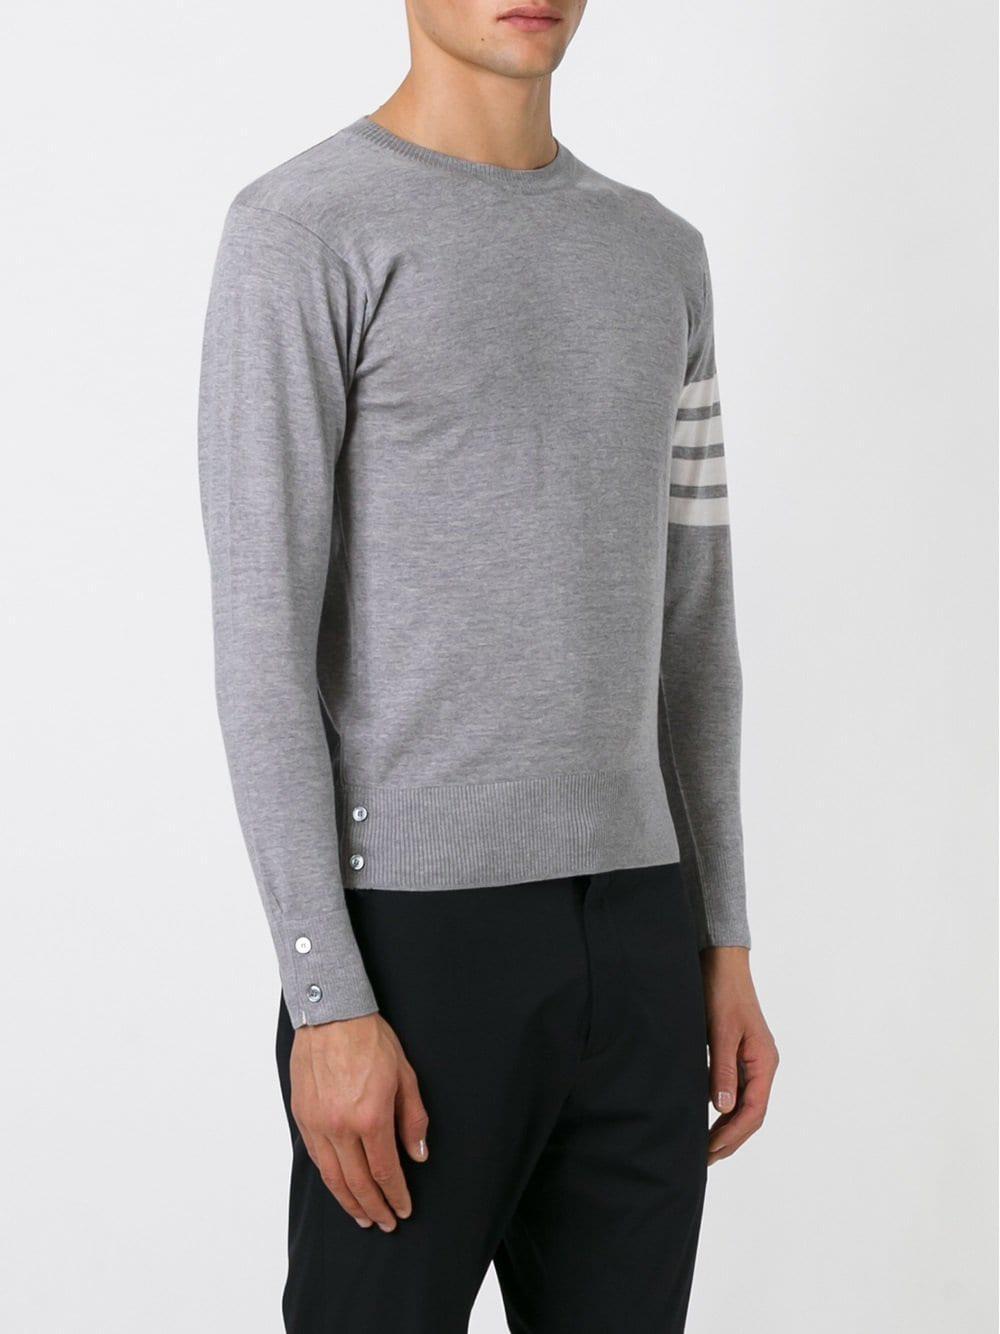 Thom Browne Wol Crewneck Pullover With 4-bar Stripe In Light Grey Merino in het Grijs voor heren